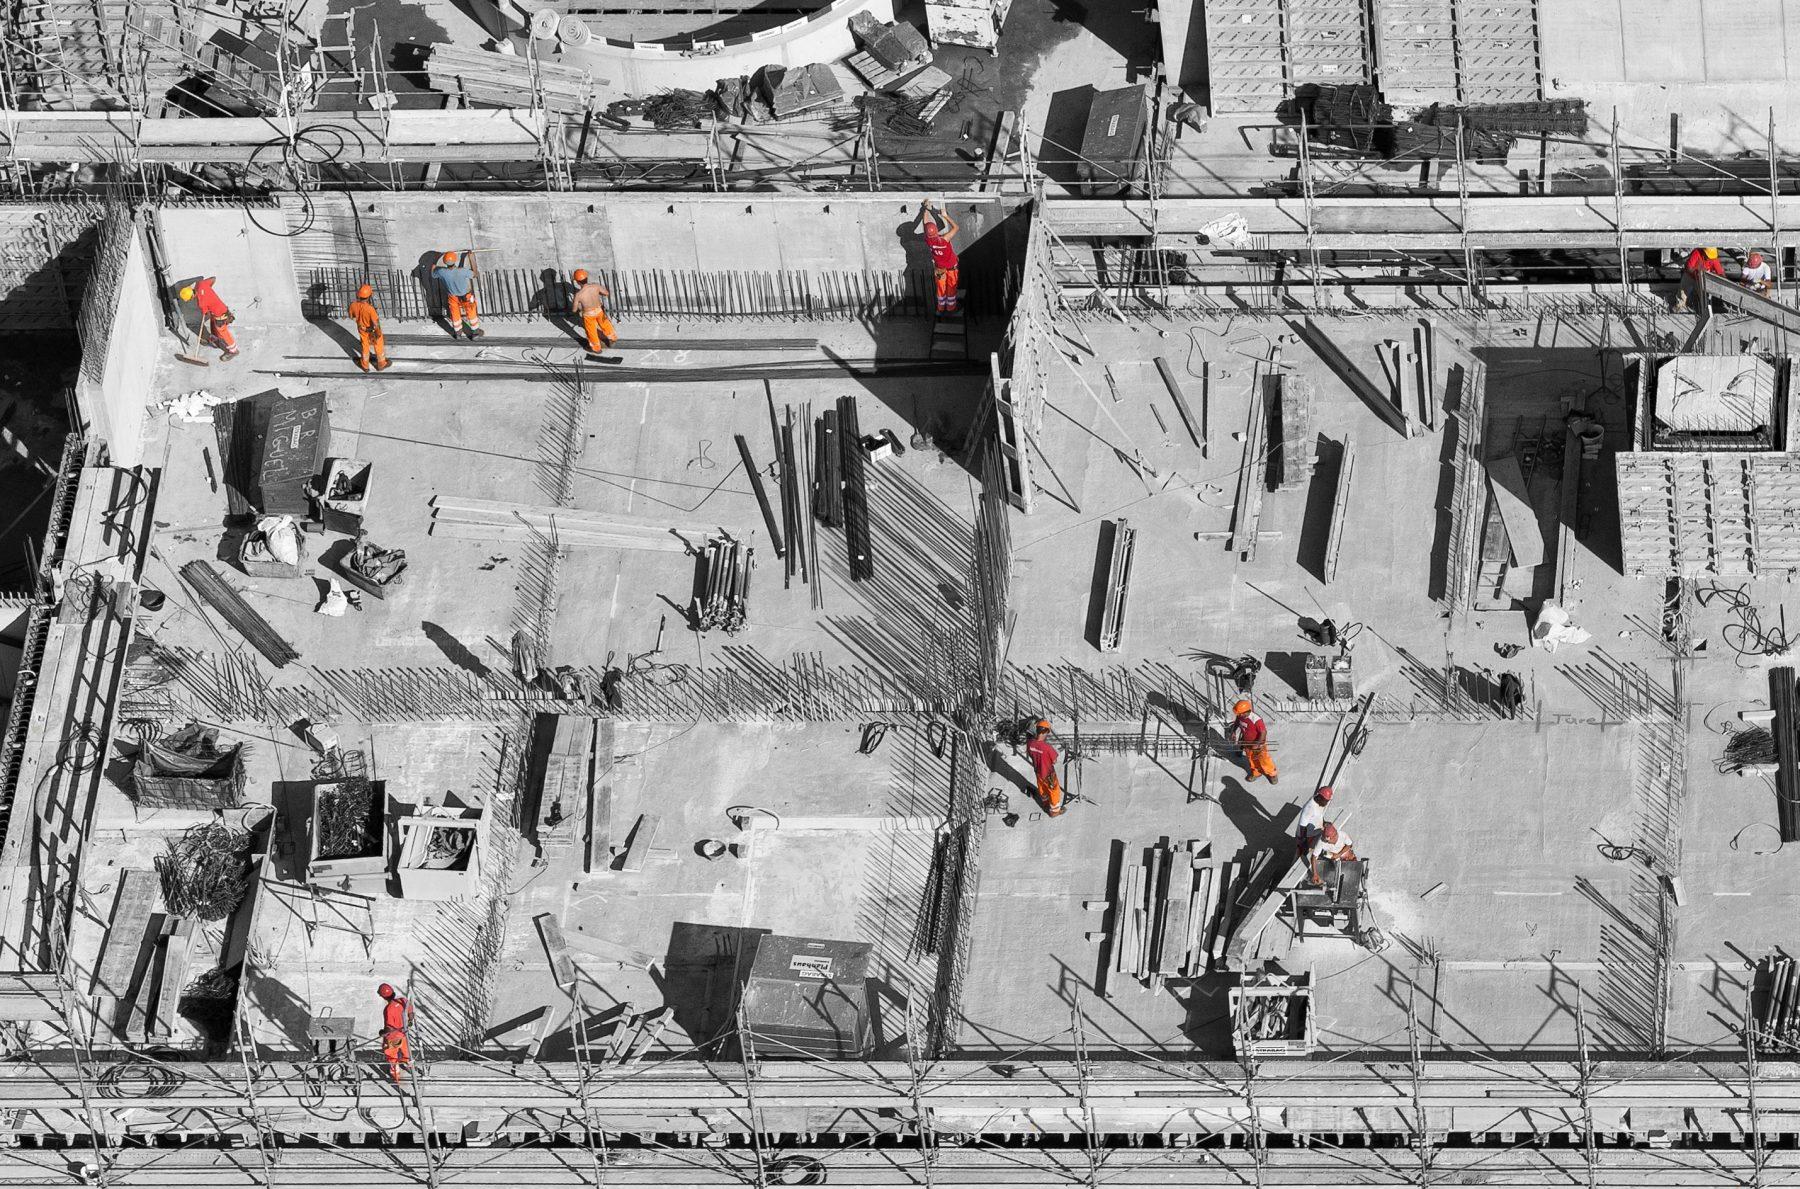 Découvrir la vocation et l'histoire de I2C – Société d'Ingénierie de la construction à Rennes